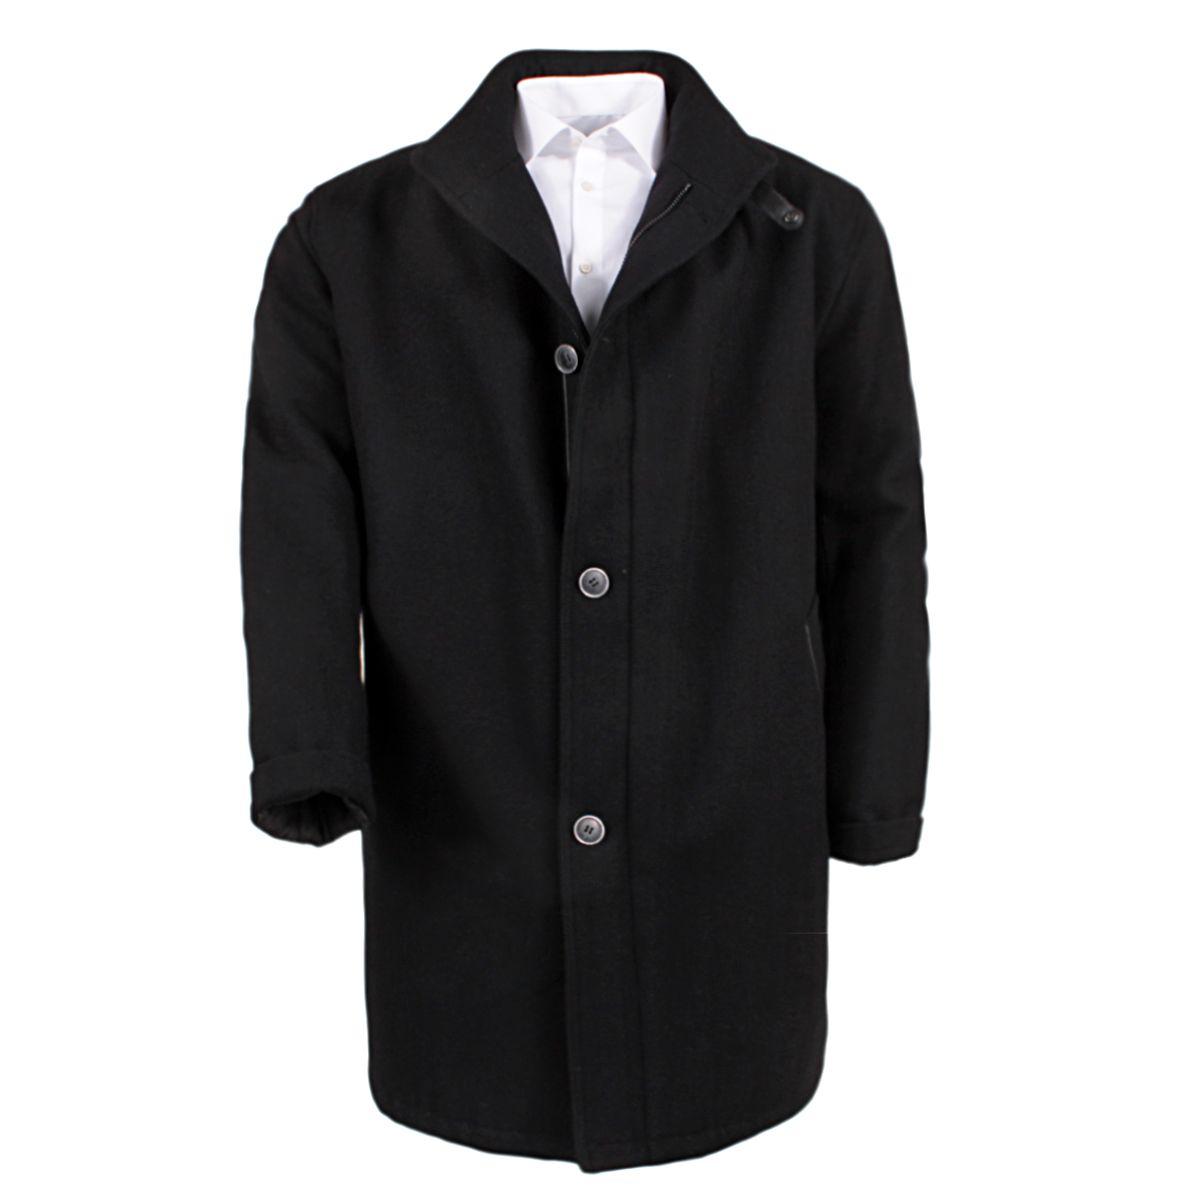 manteau laine noir grande taille du 3xl au 8xl size factory bugatti. Black Bedroom Furniture Sets. Home Design Ideas